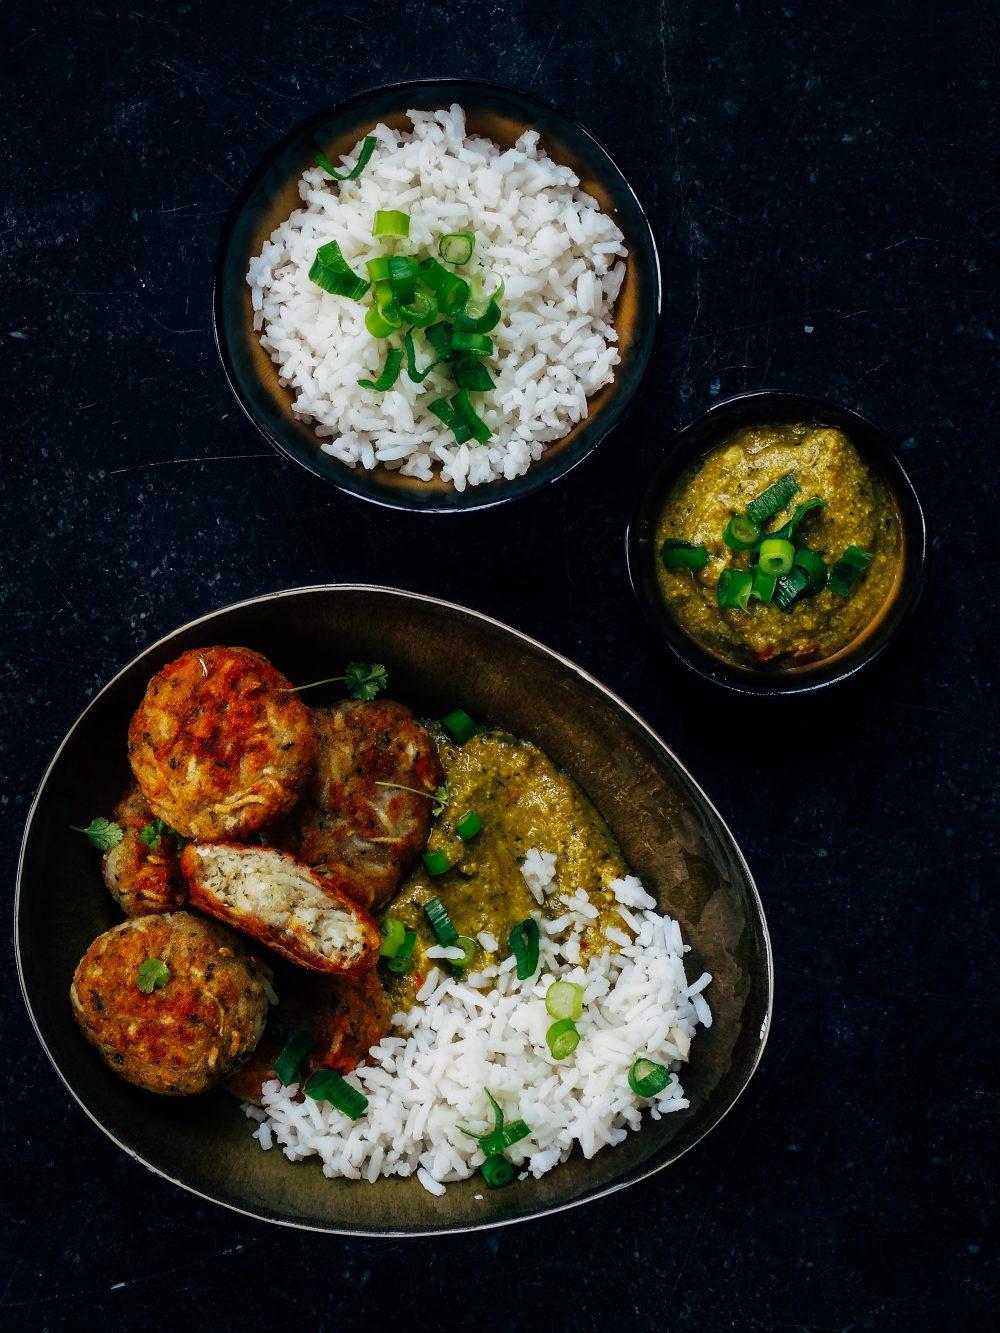 Recept van de maand #30: Indische curry met aardappelkoekjes